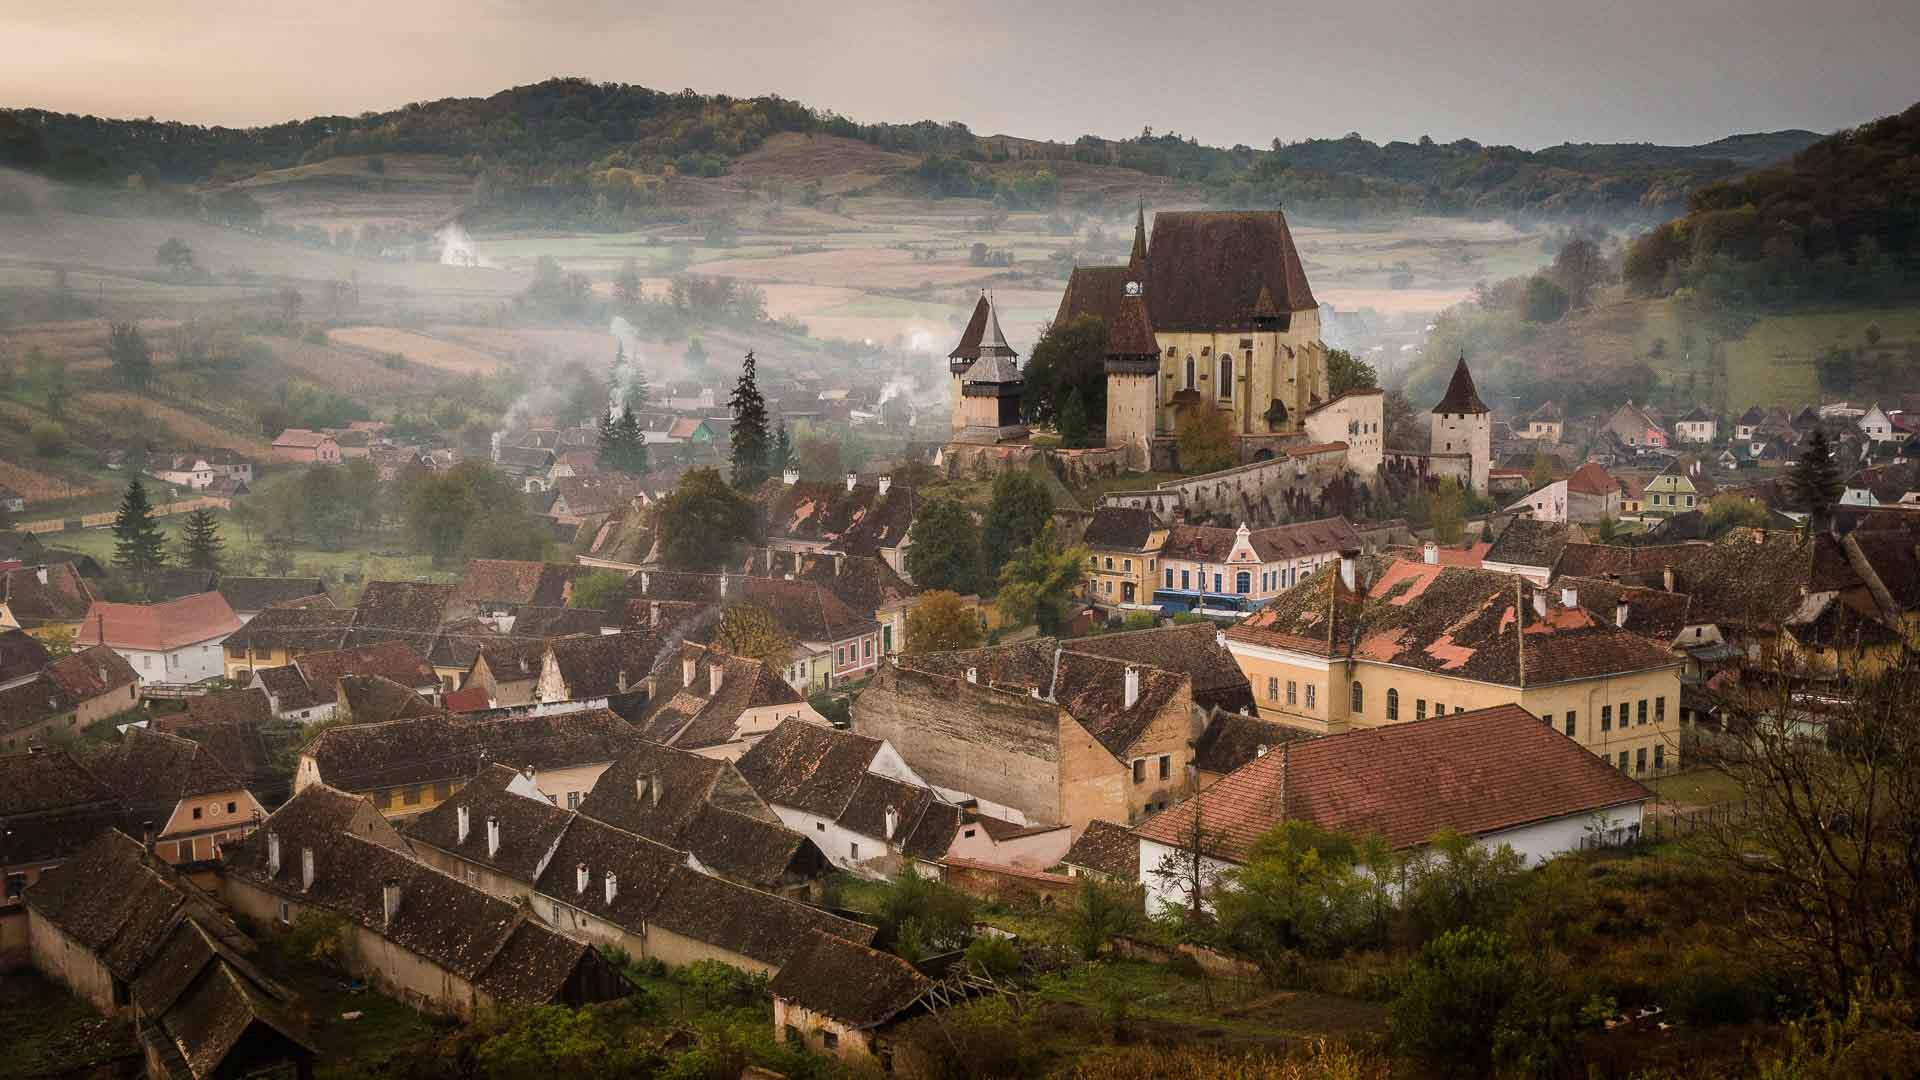 Tour of Transylvania from Timisoara